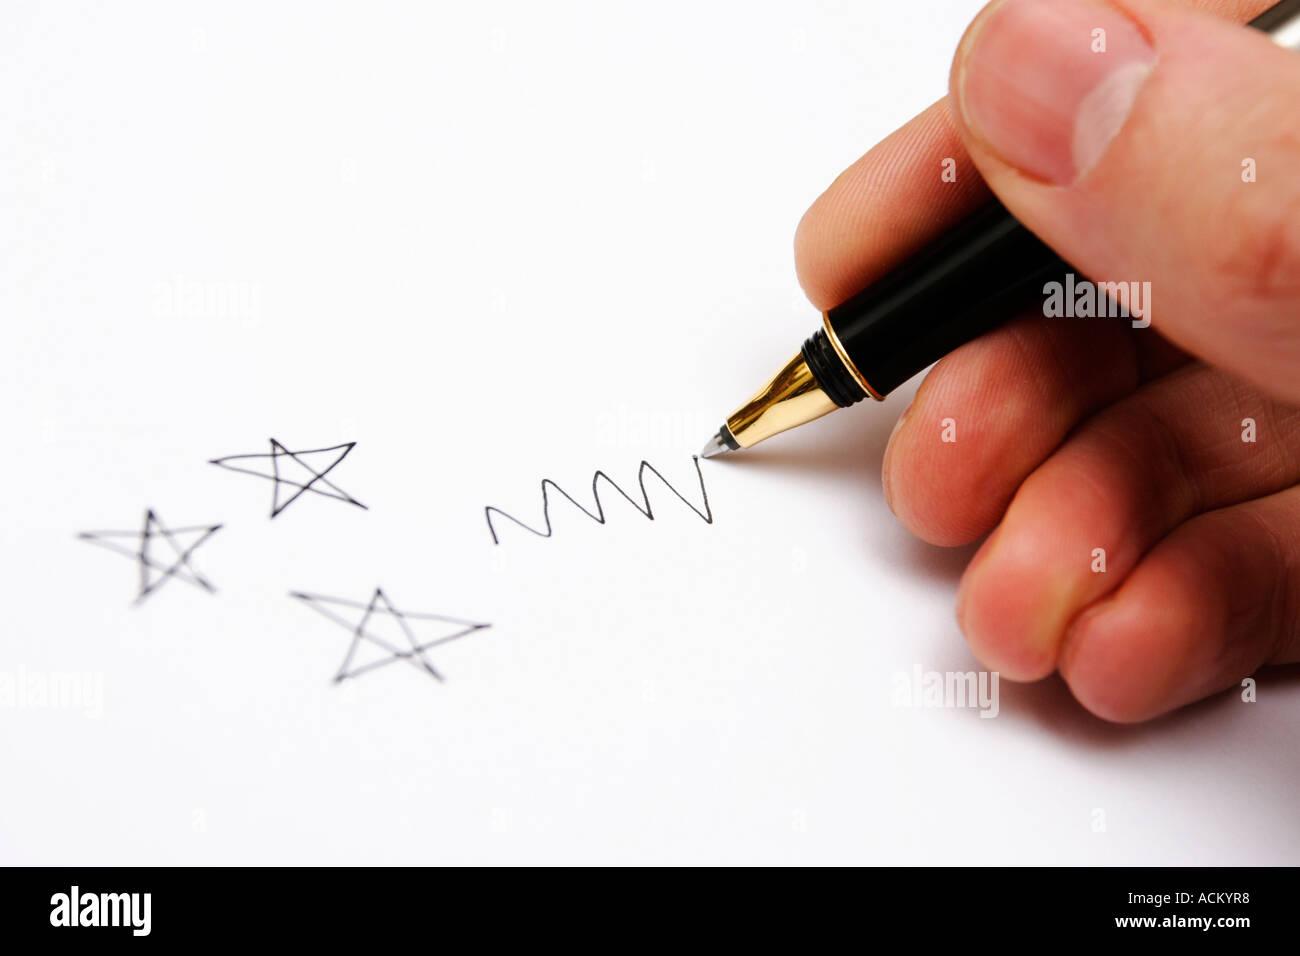 Una mano d'uomo progettazione stelle e uno scarabocchio con una penna nera Immagini Stock